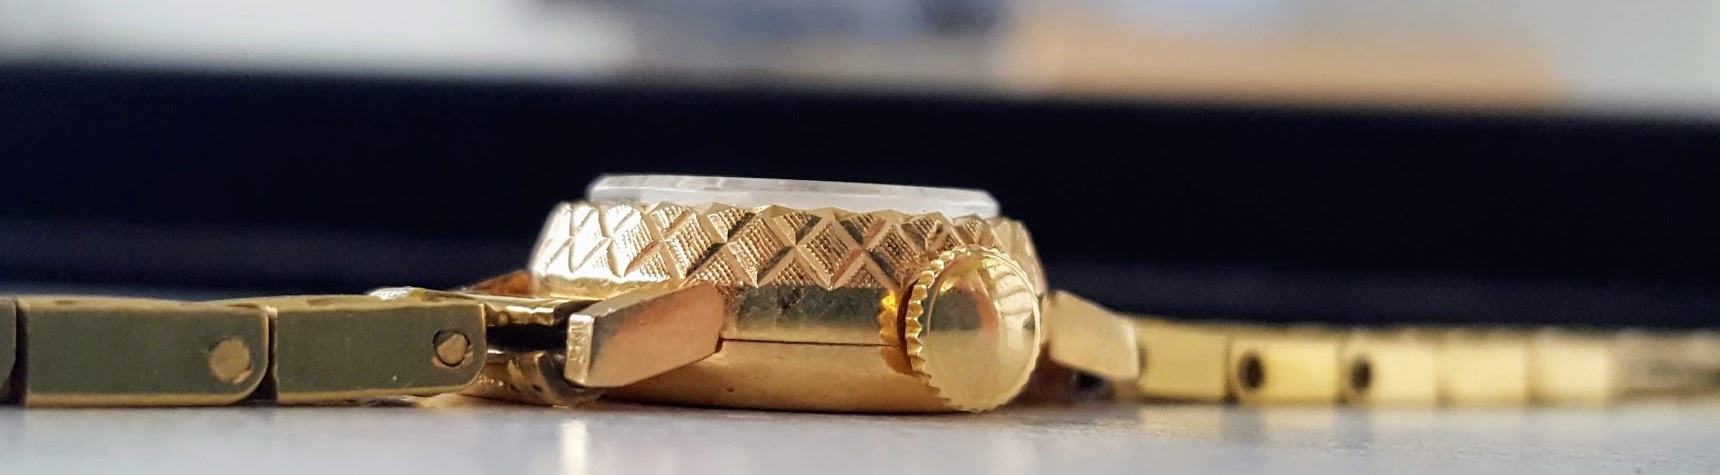 Montre Lip R100 boîtier Or massif 18 carats 15.5 mm de diamètre